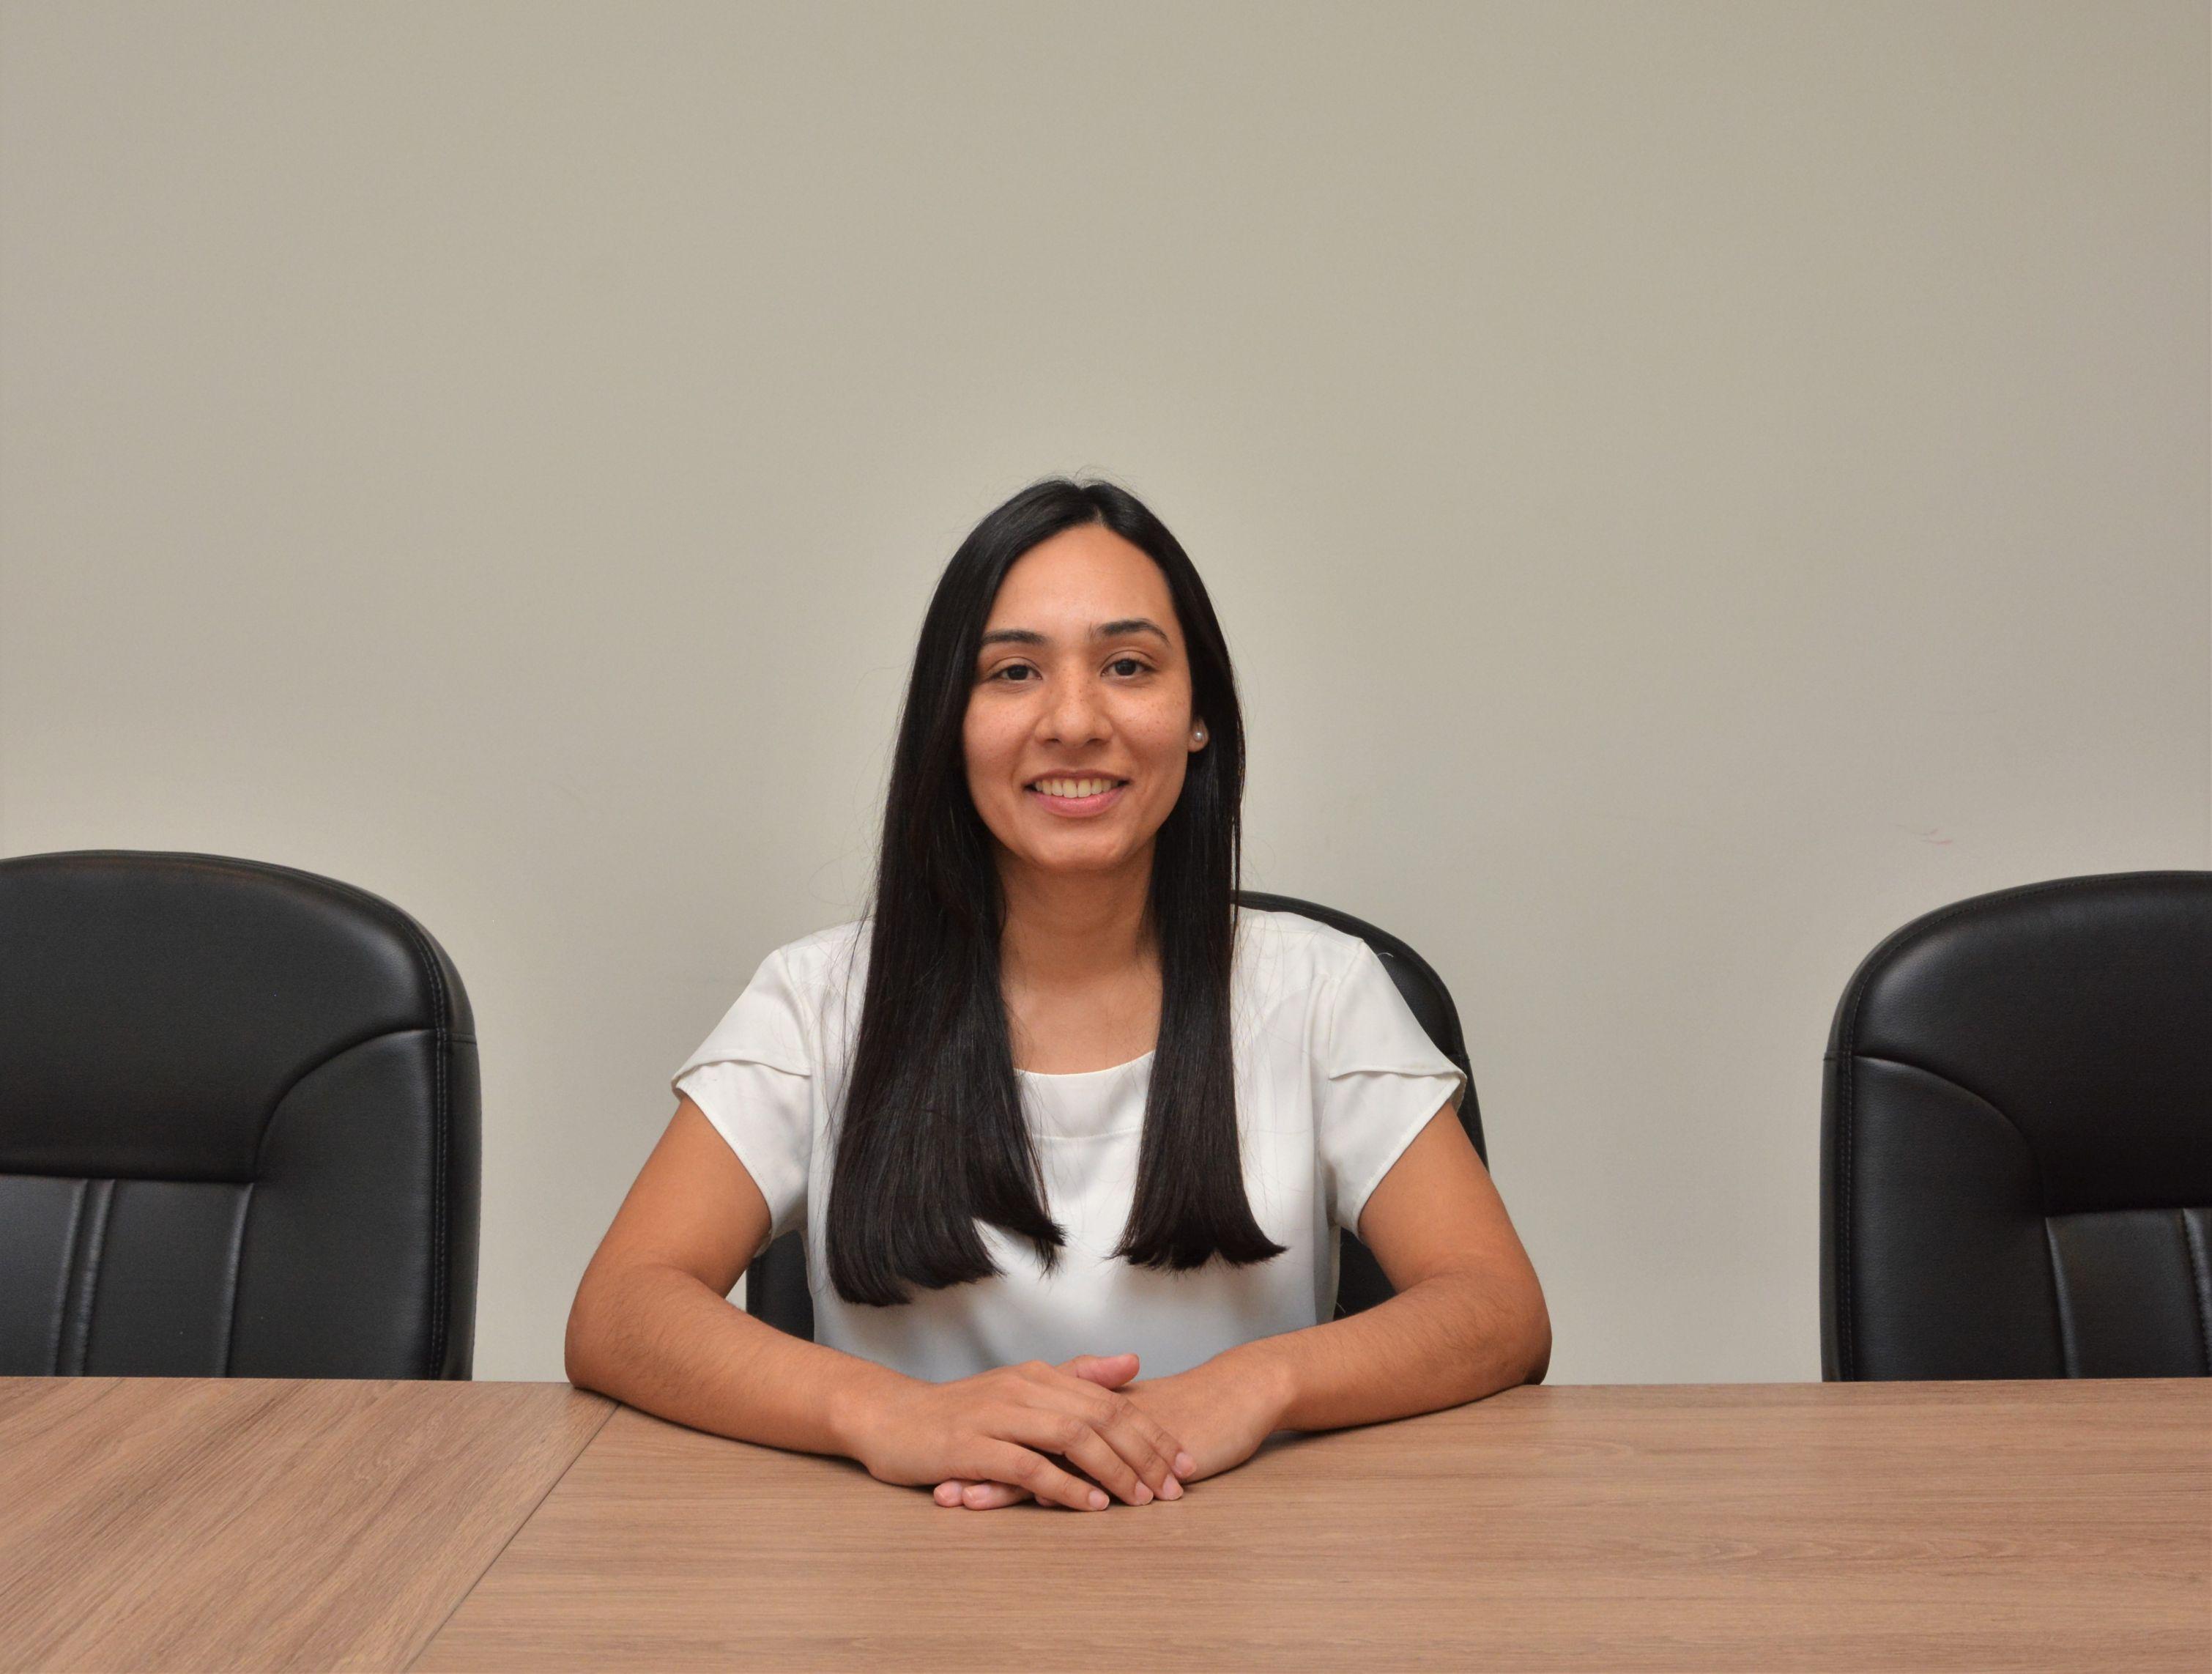 Maricel Meza: Con profesionalismo y responsabilidad asume la nueva Gerencia Administrativa de Cereales S.A.